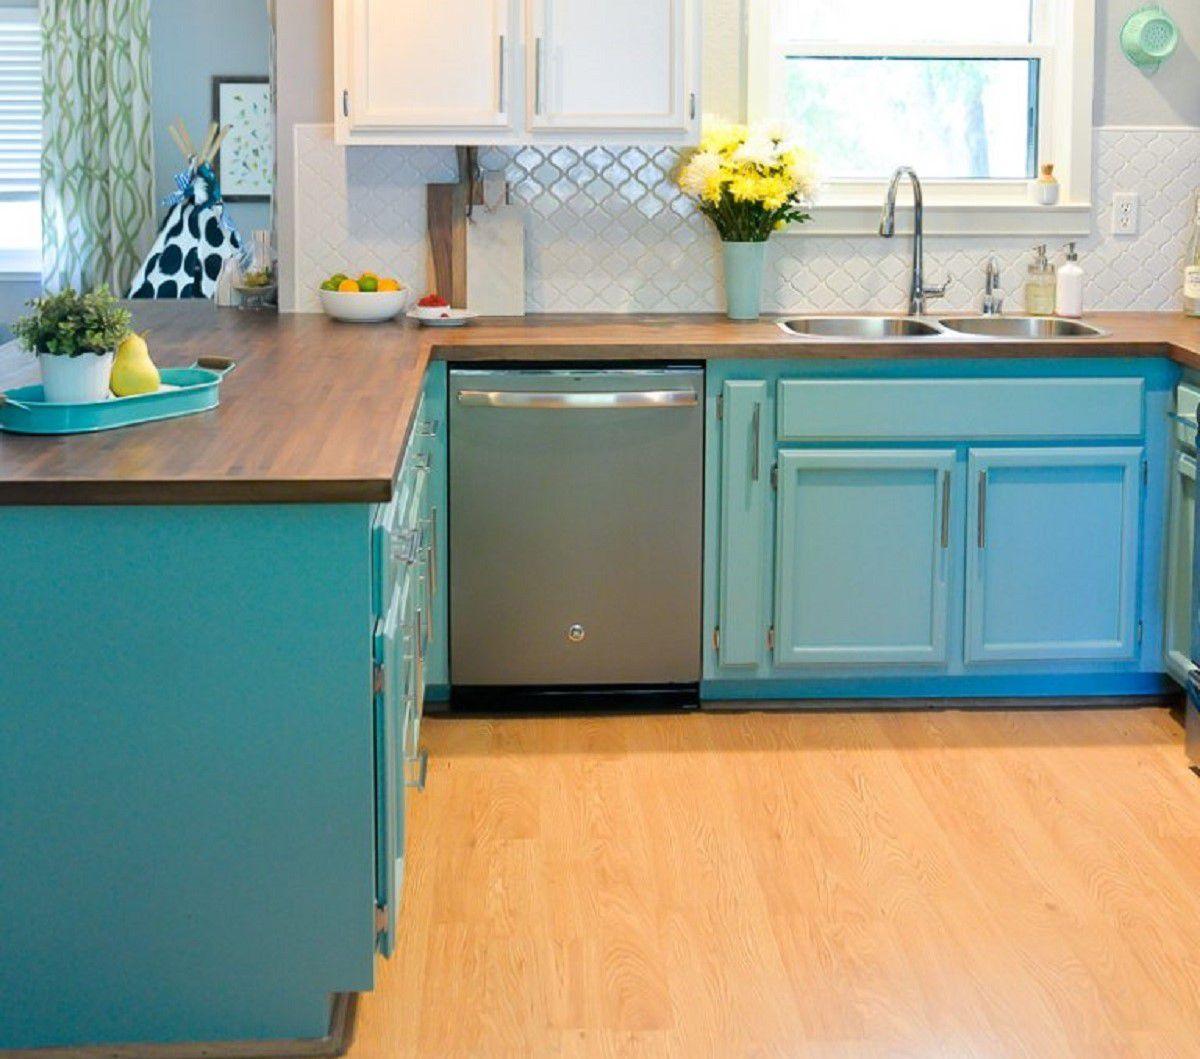 gabinetes pintados de azul en una cocina pequeña